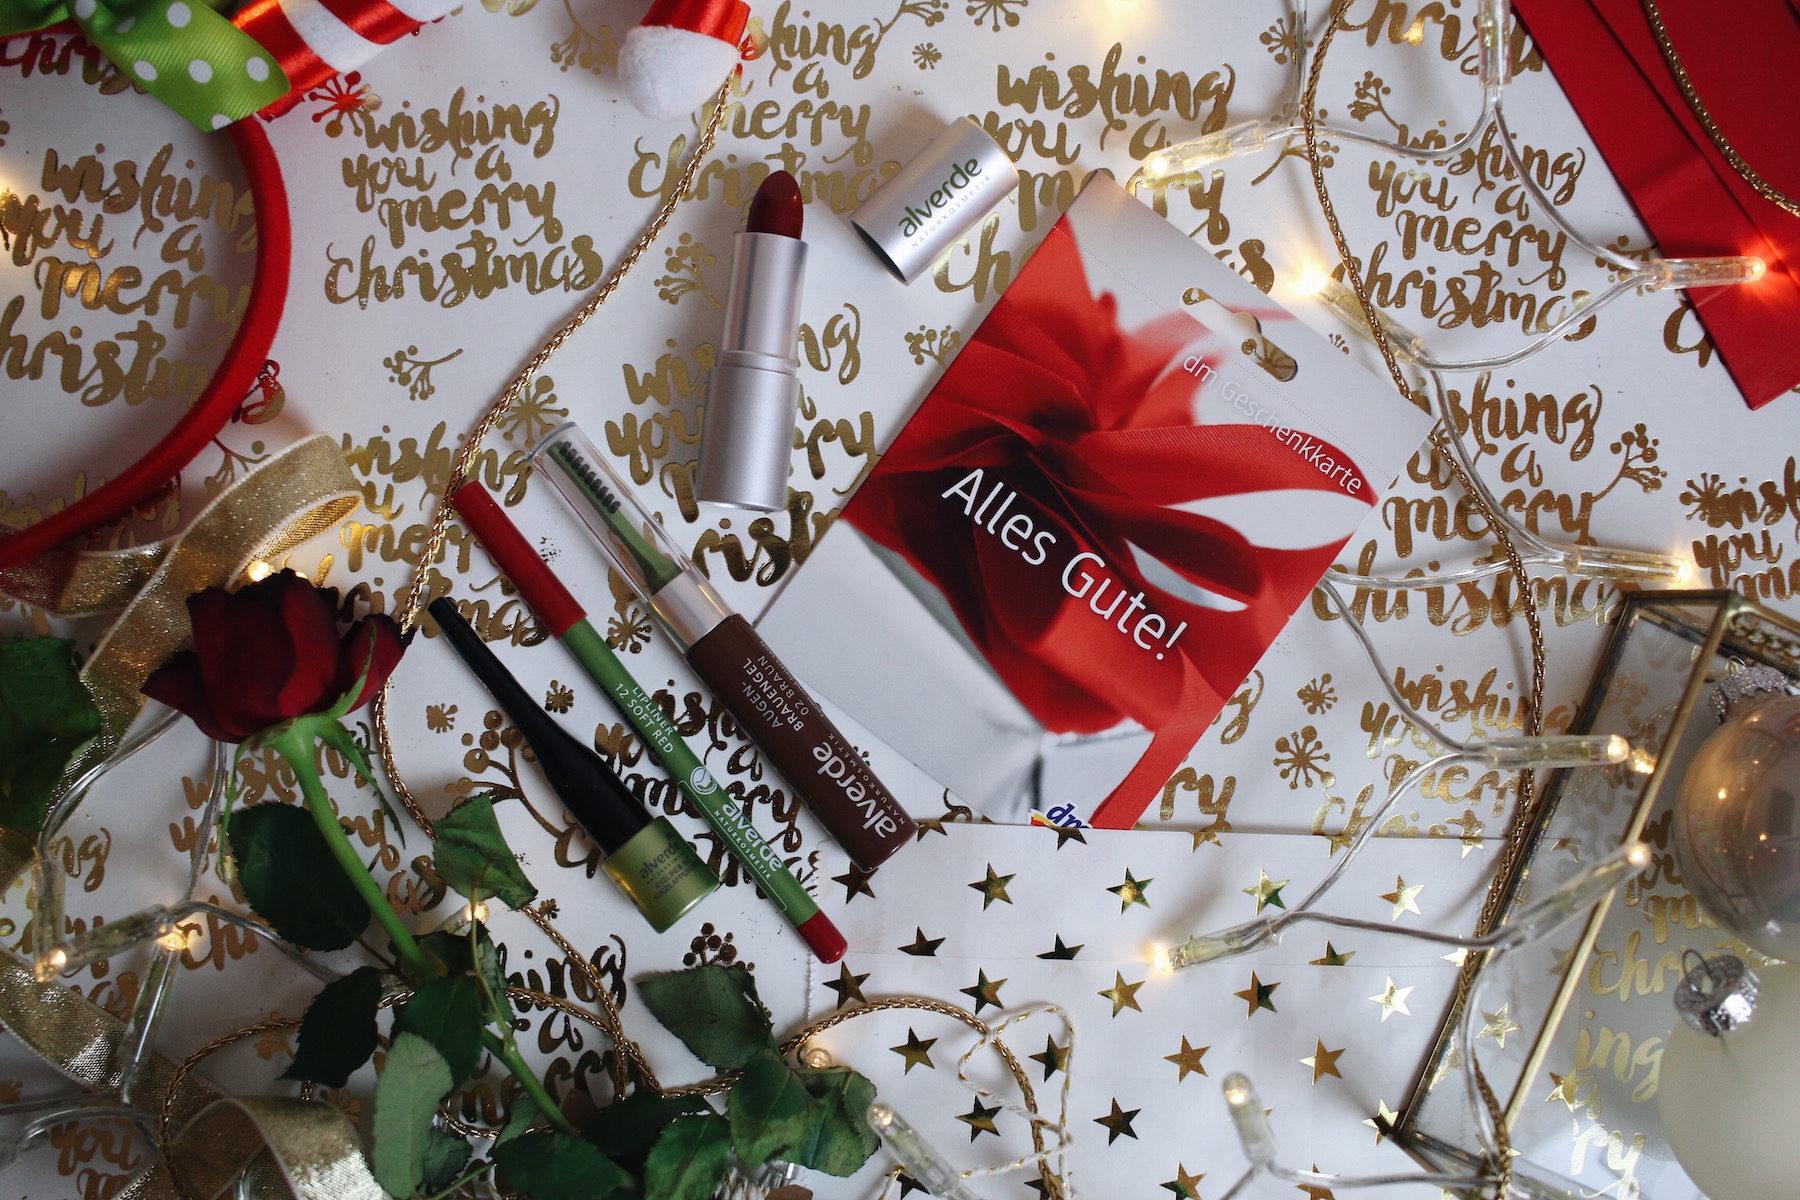 Weihnachtsgeschenke für den Partner finden_Freude Schenken mit dm_dm online shop_Meanwhile in Awesometown_Männerblog_Maleblogger_Modeblogger_Lifestyleblogger8